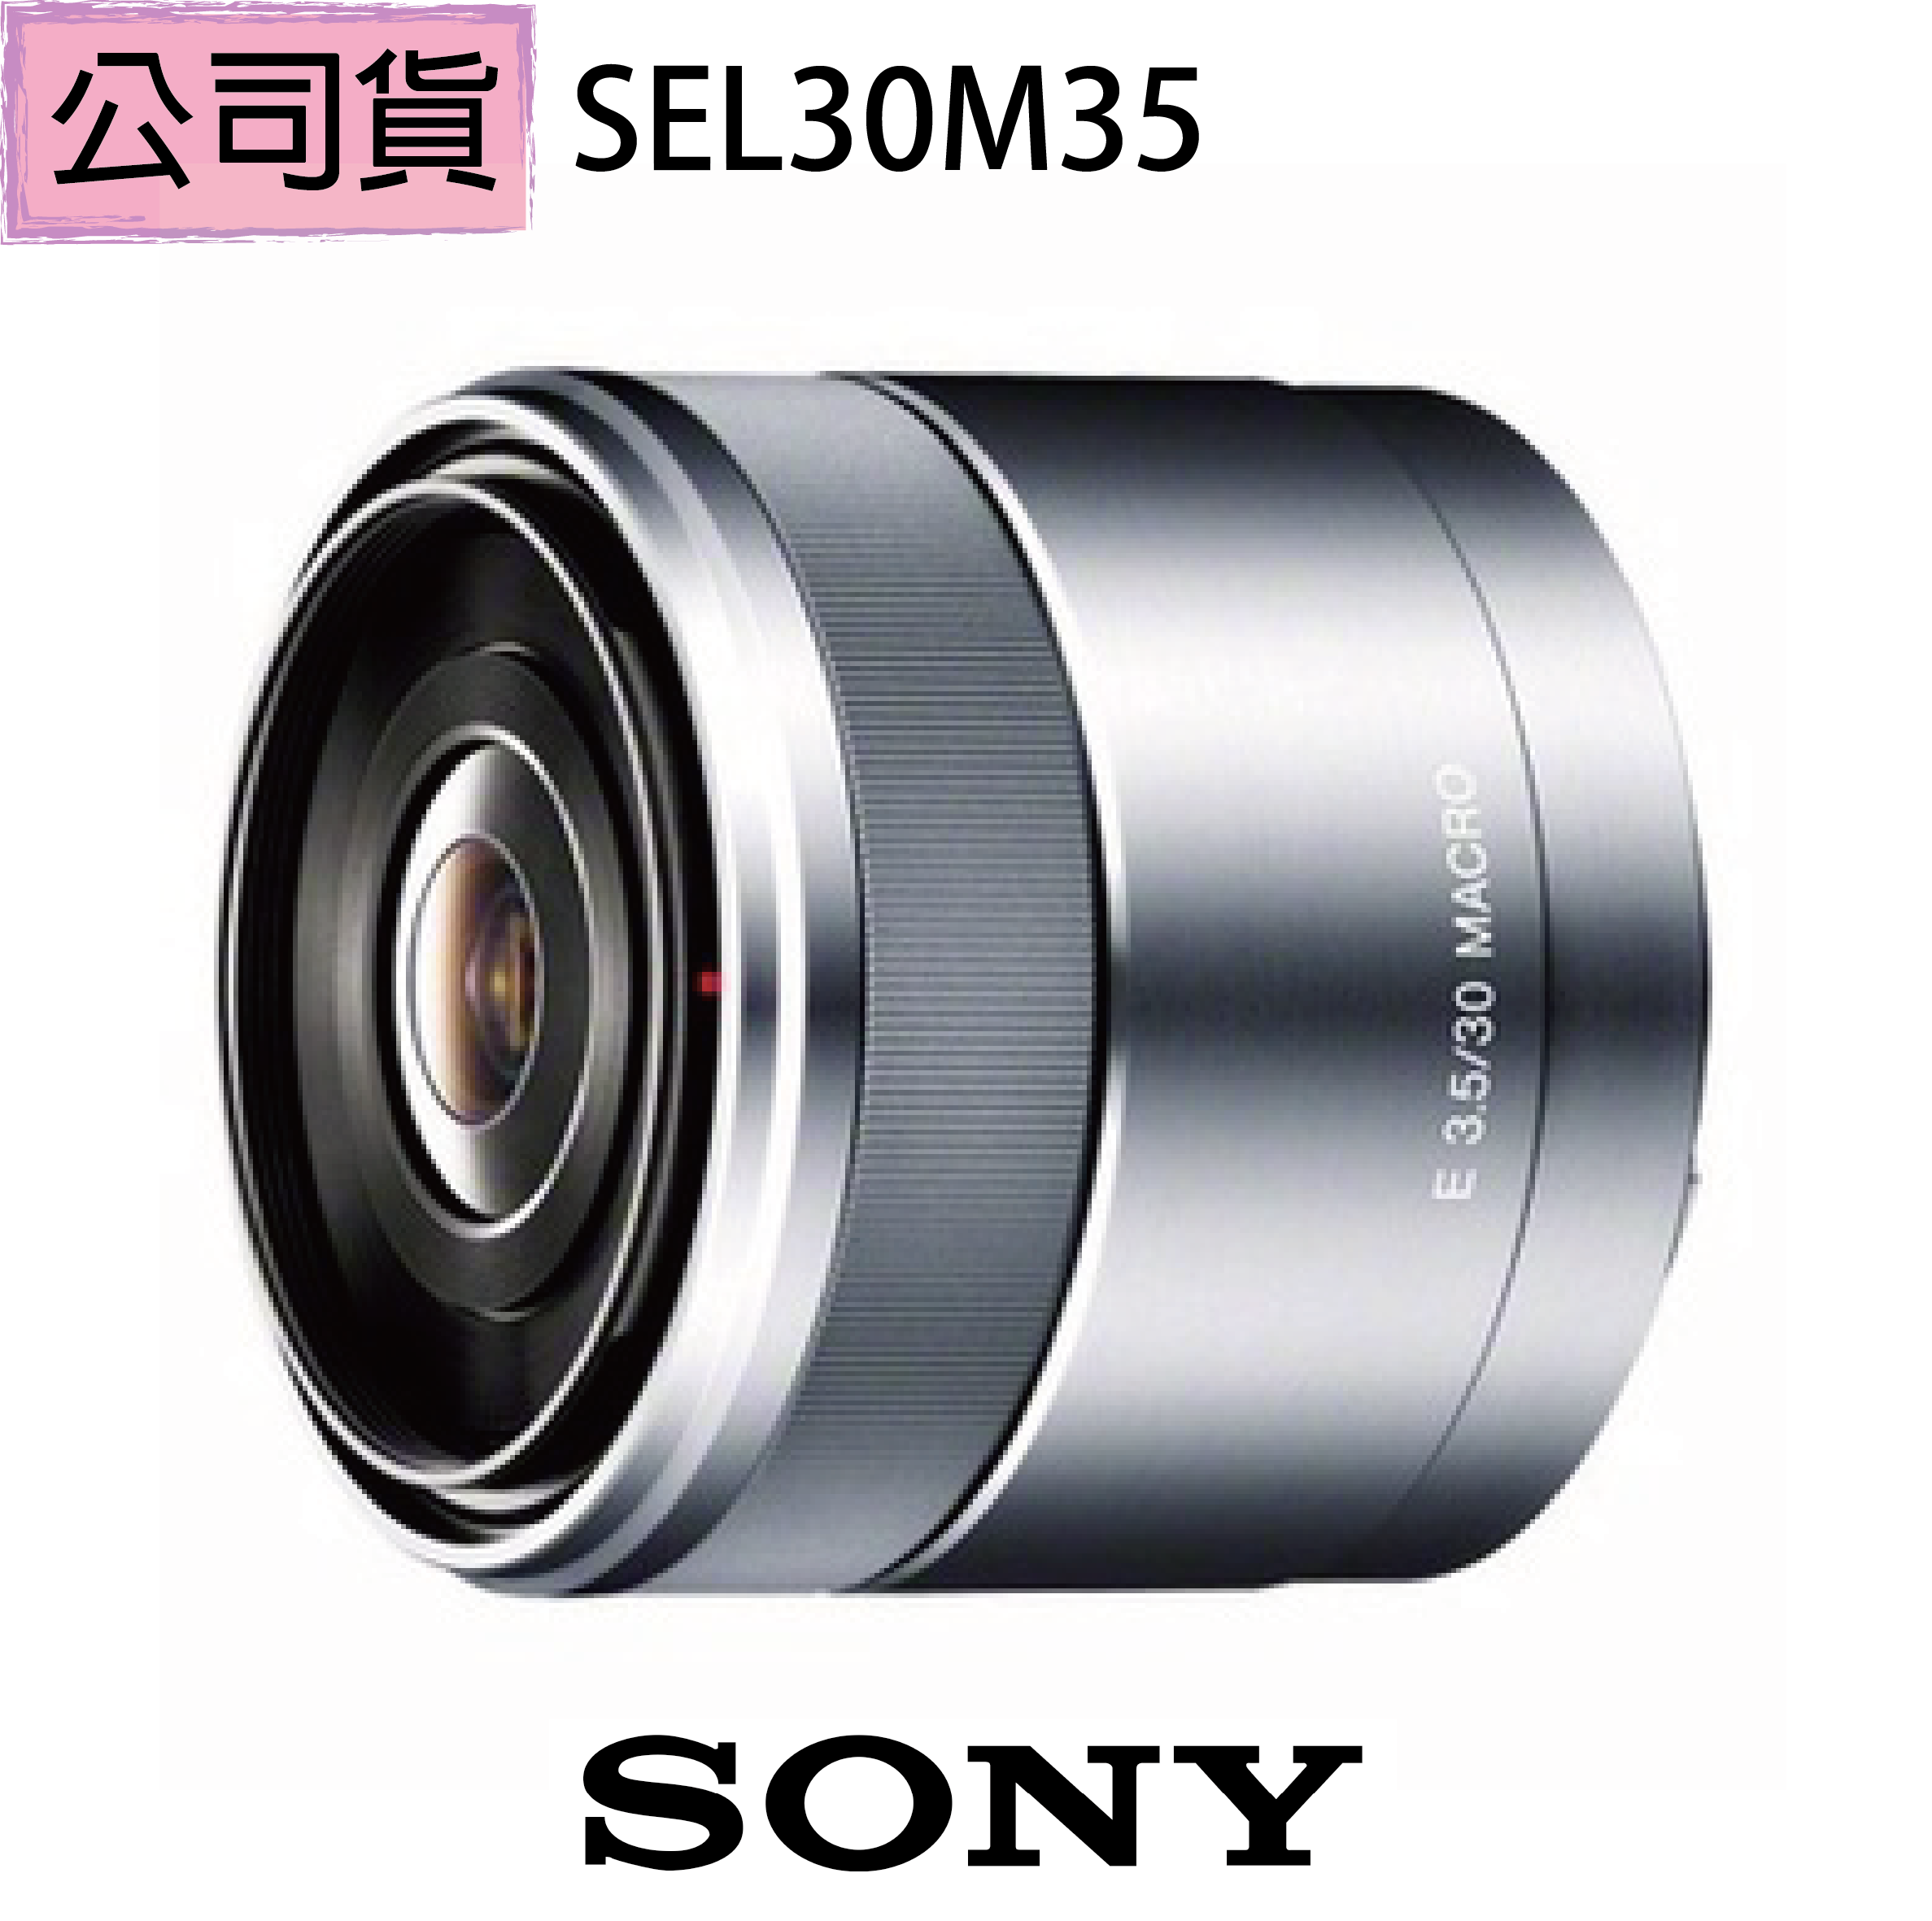 【SONY】SEL30M35 微距定焦鏡(公司貨)